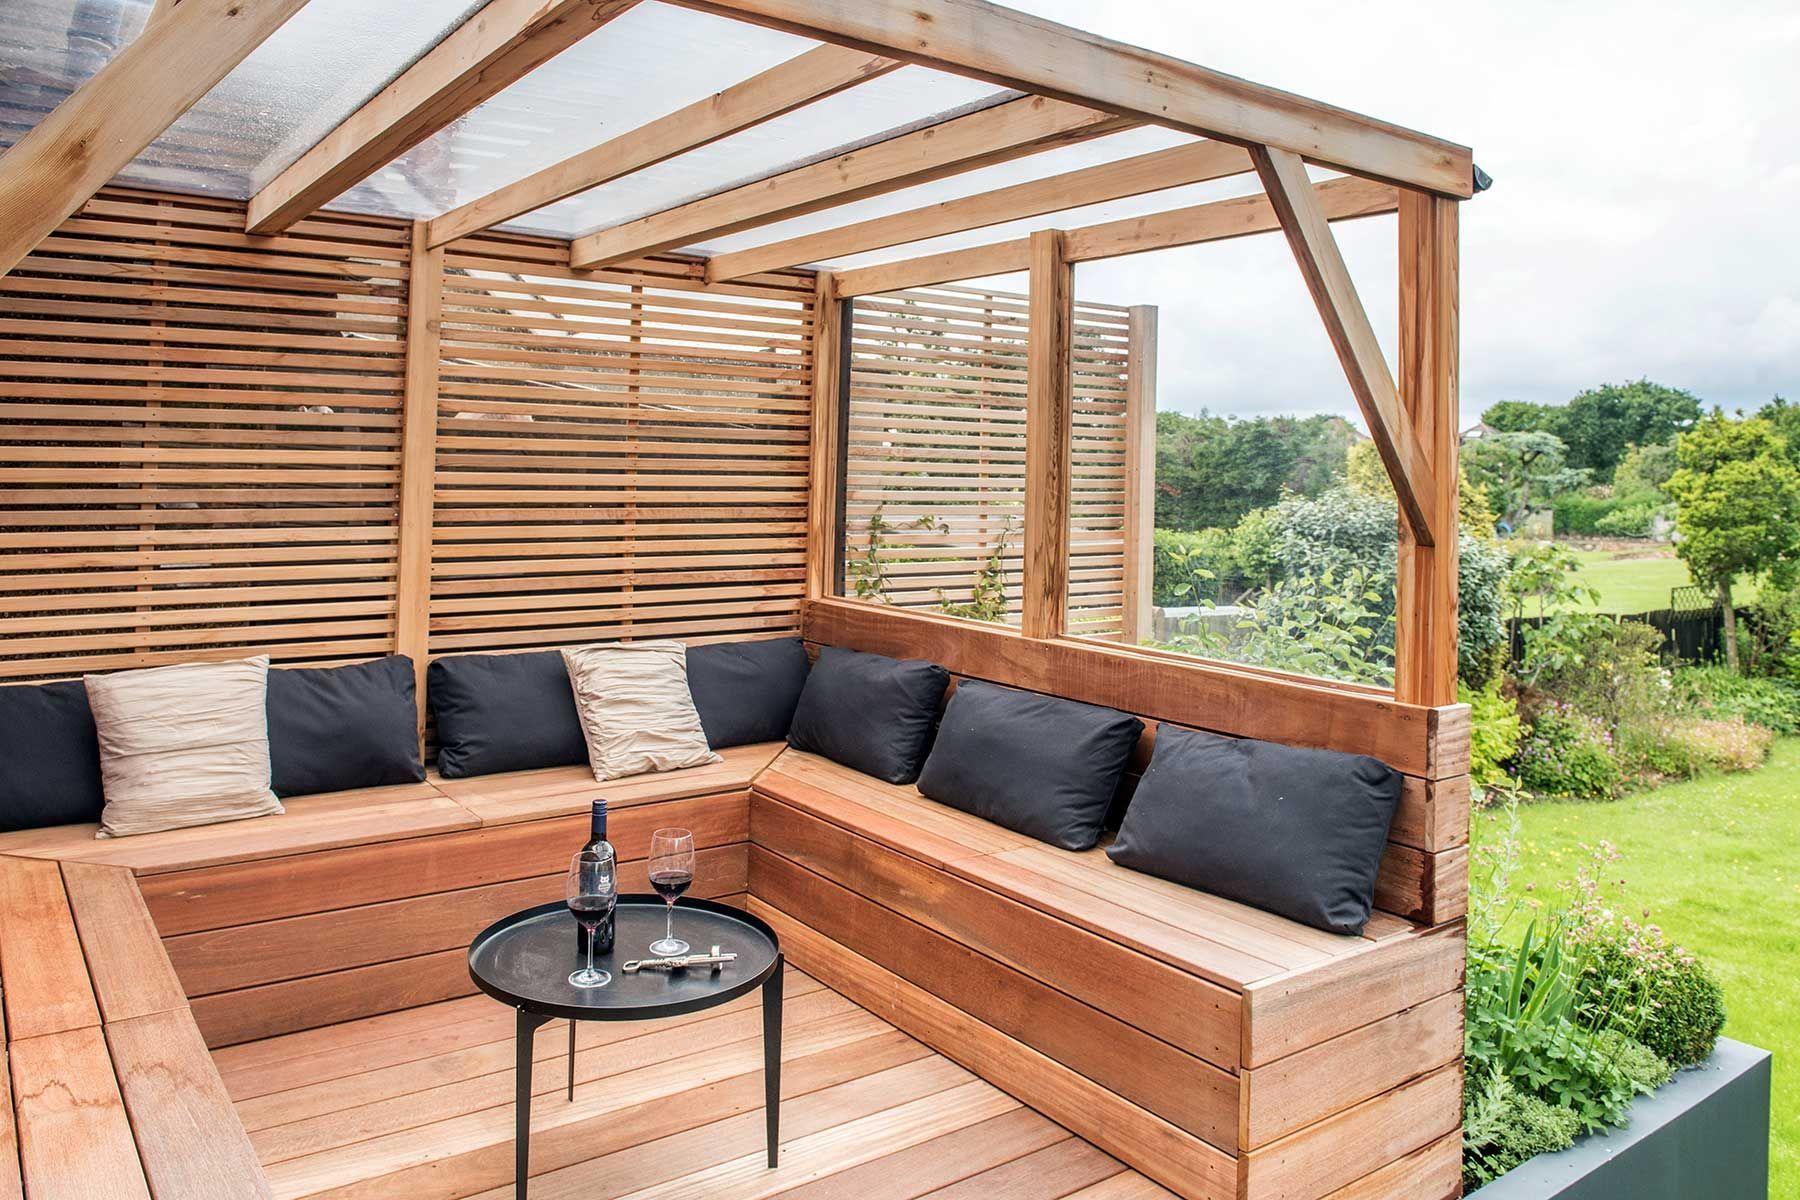 Bespoke Garden Benches In London Beautiful Garden Seating In 2020 Garden Storage Bench Garden Seating Backyard Patio Designs